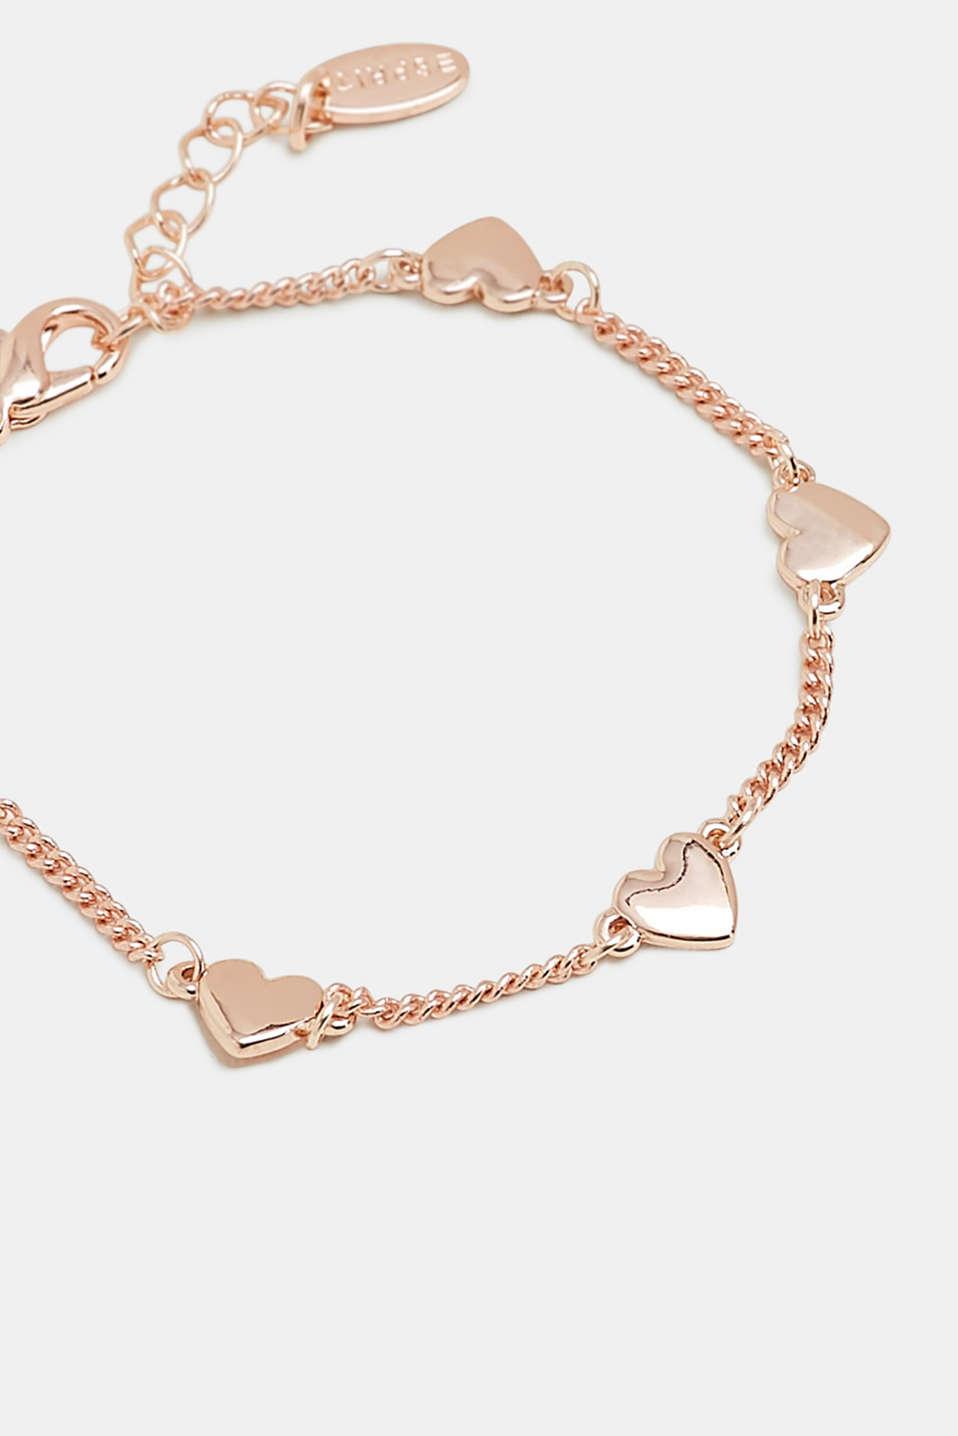 Bracelet with heart pendants, ROSEGOLD, detail image number 1